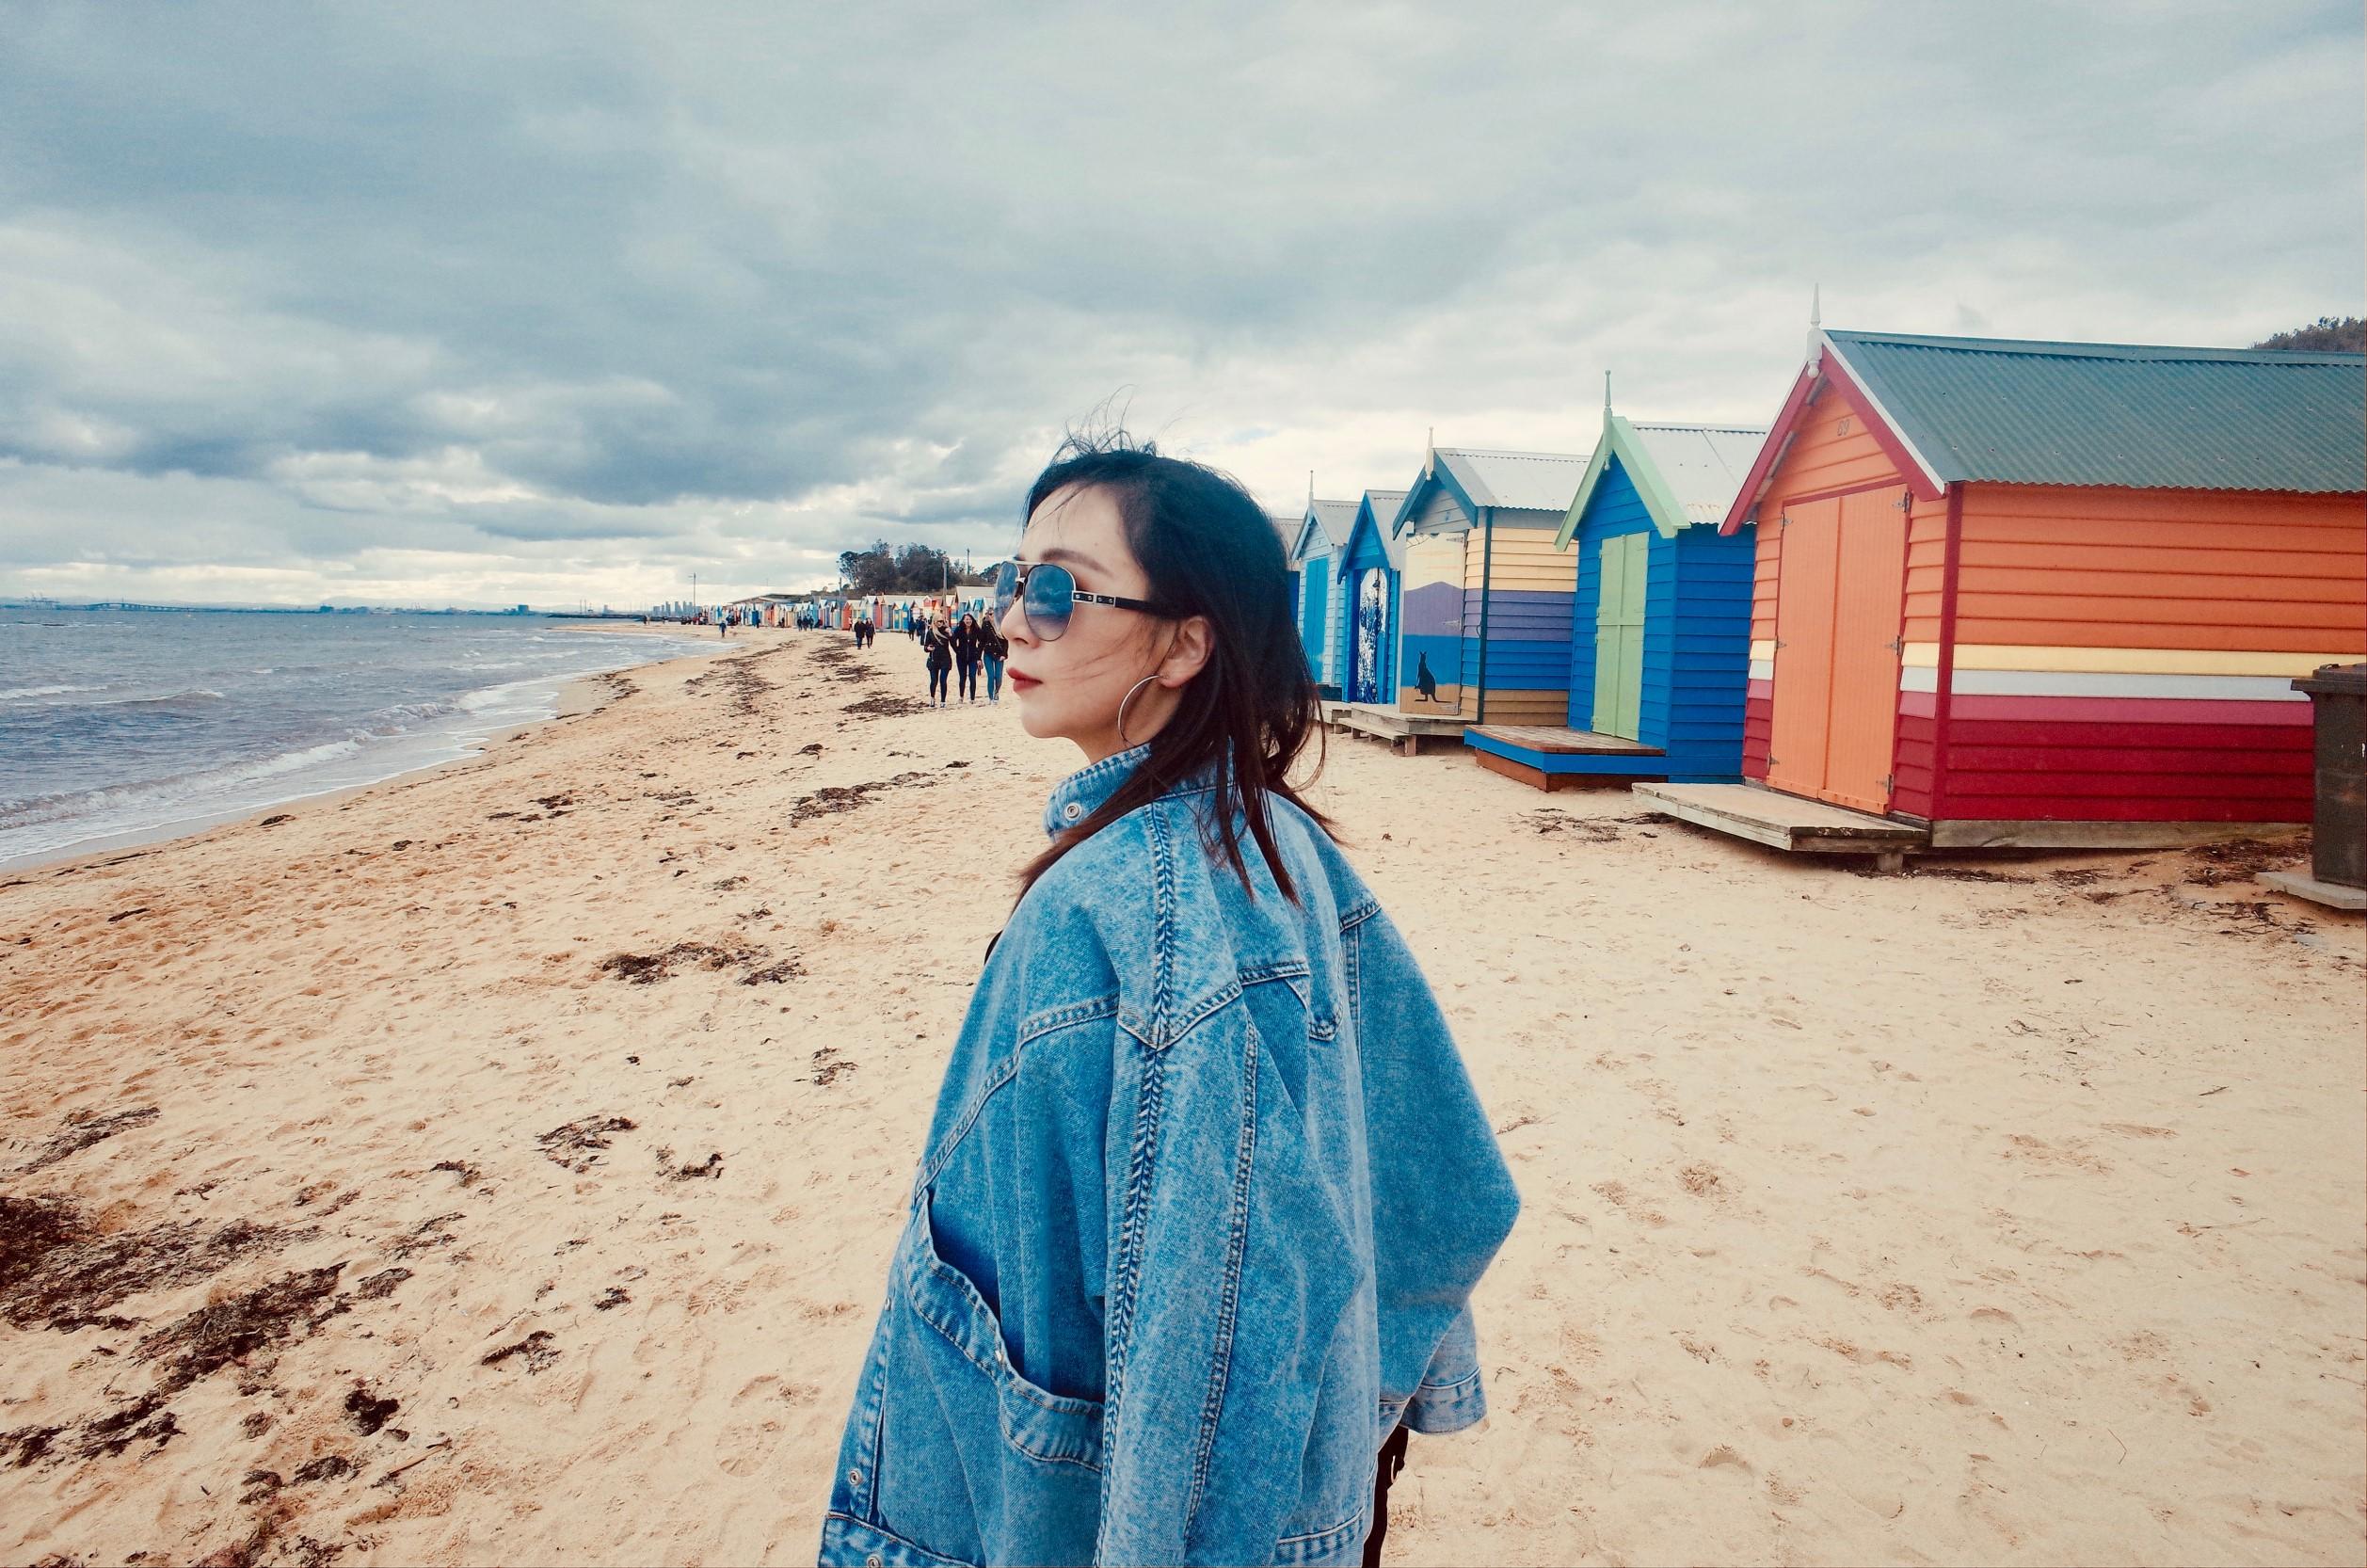 澳洲墨爾本|布萊頓海灘彩虹小屋及周邊飲食-Mylk Café